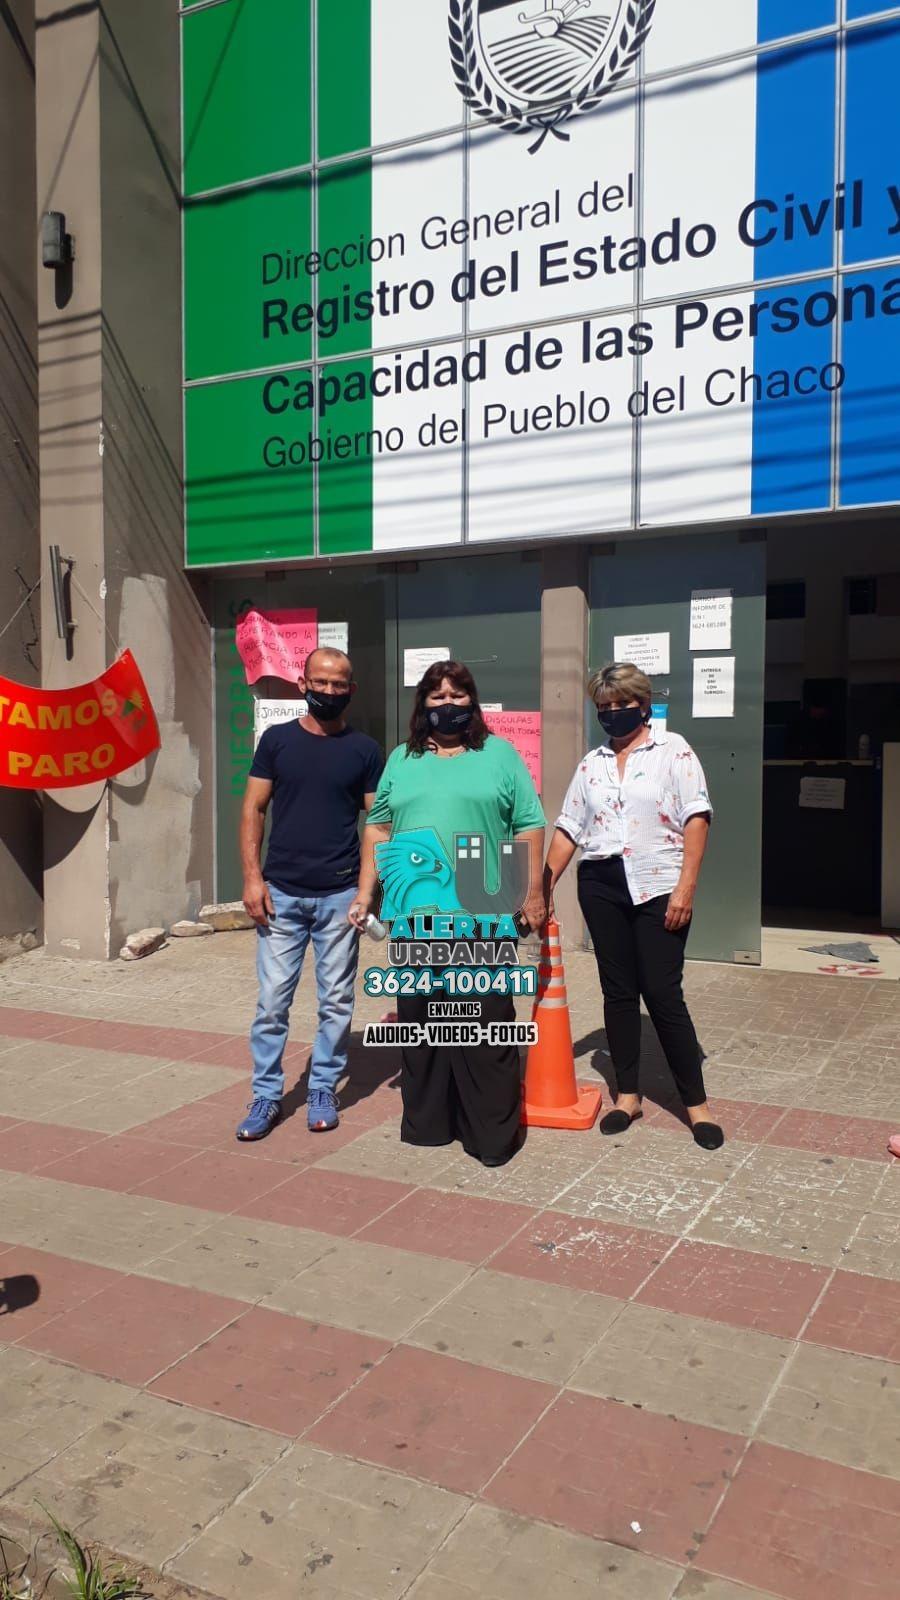 Piden desinfectar sede central del Registro Civil ante un caso de covid-19